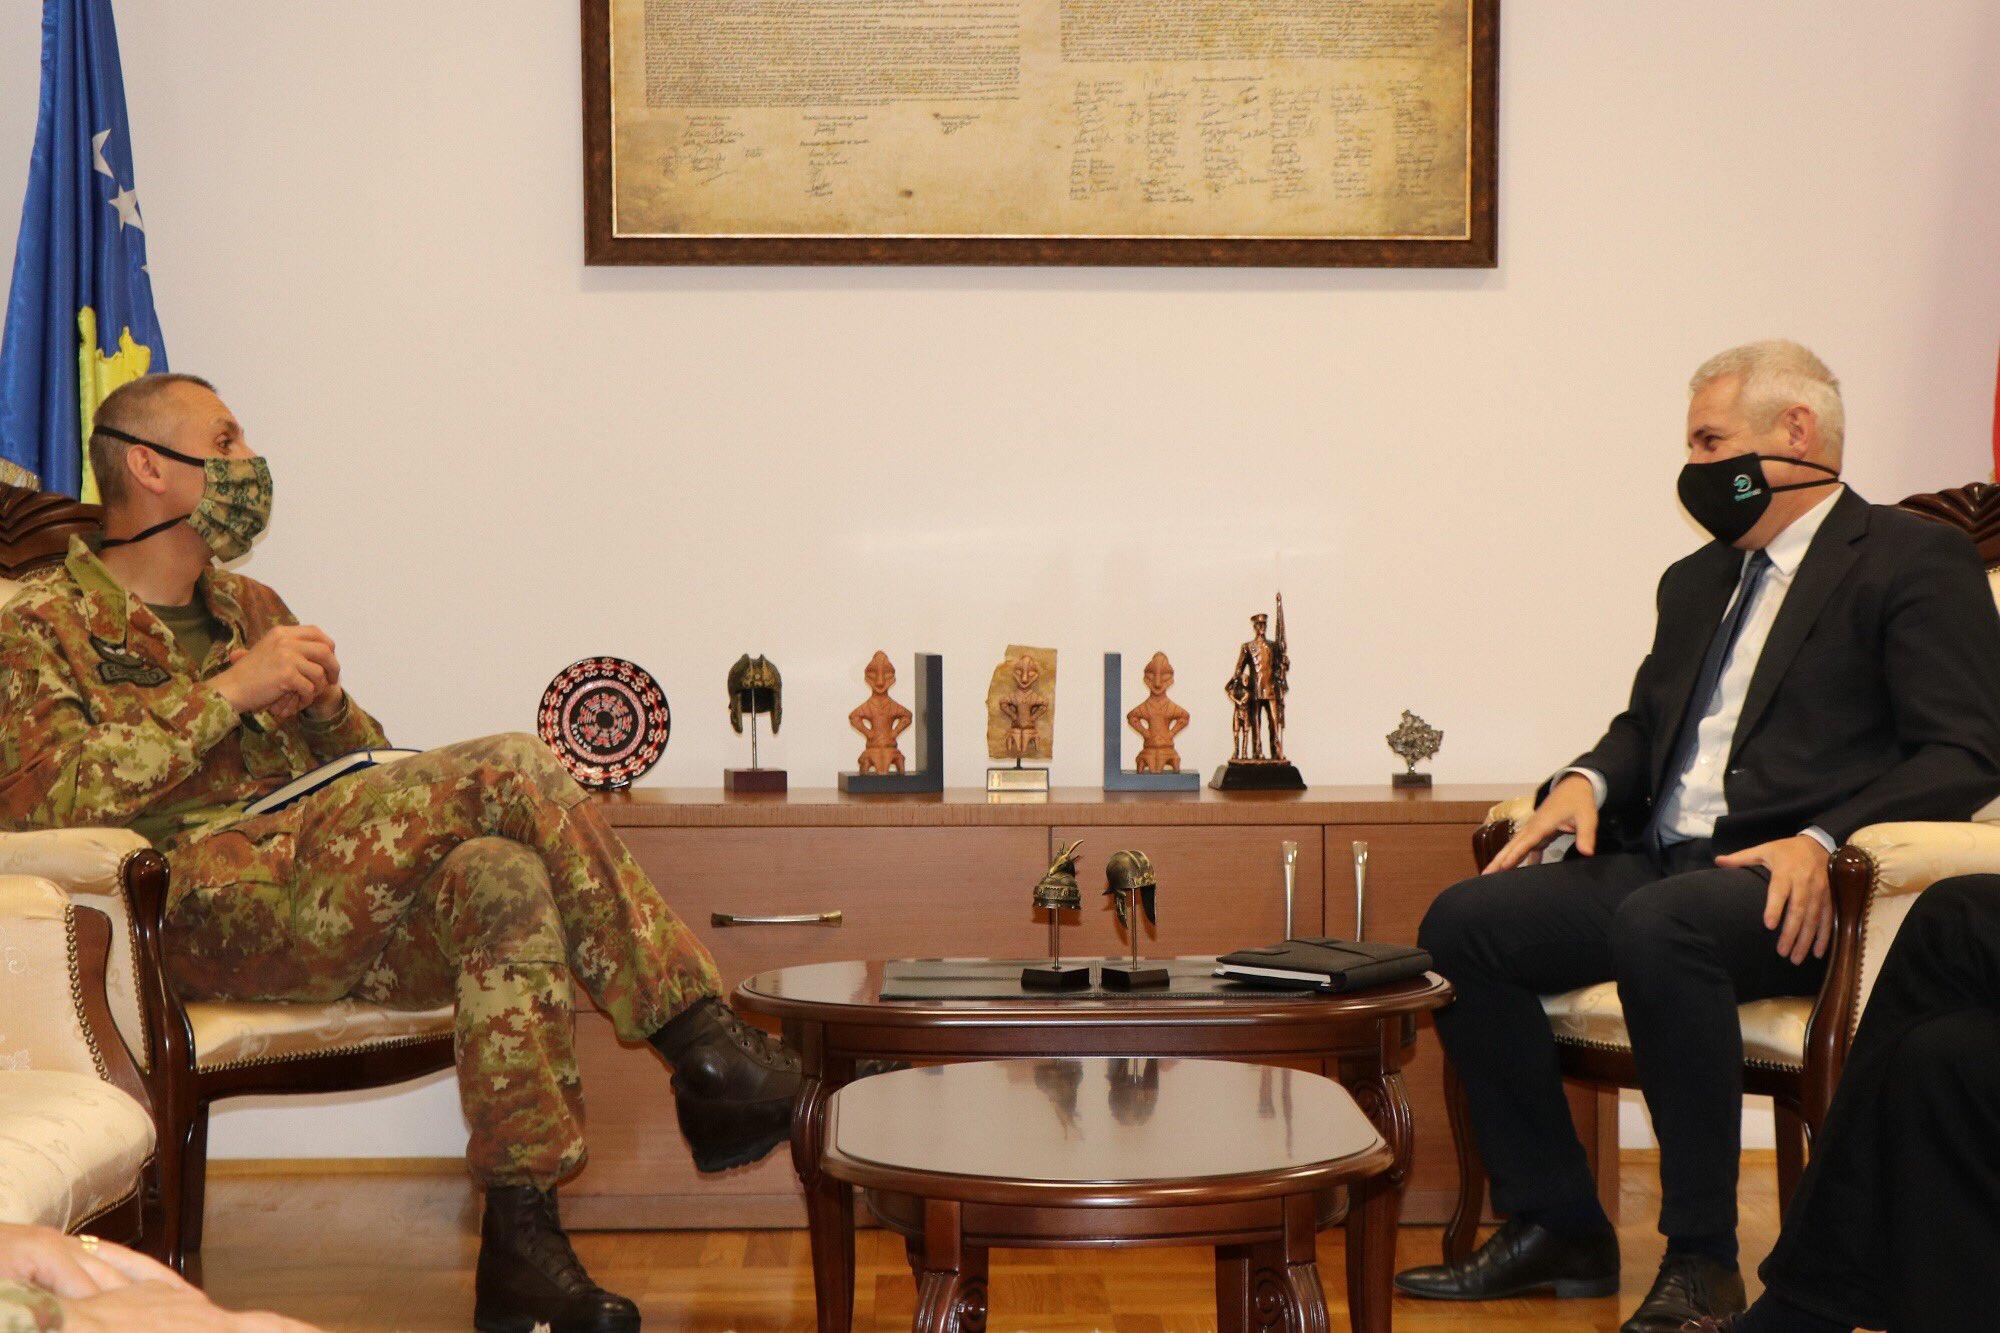 komandant-kfor-a-i-vd-kosovskog-ministra-unutrasnjih-poslova-o-pandemiji-i-bezbednosnoj-situaciji